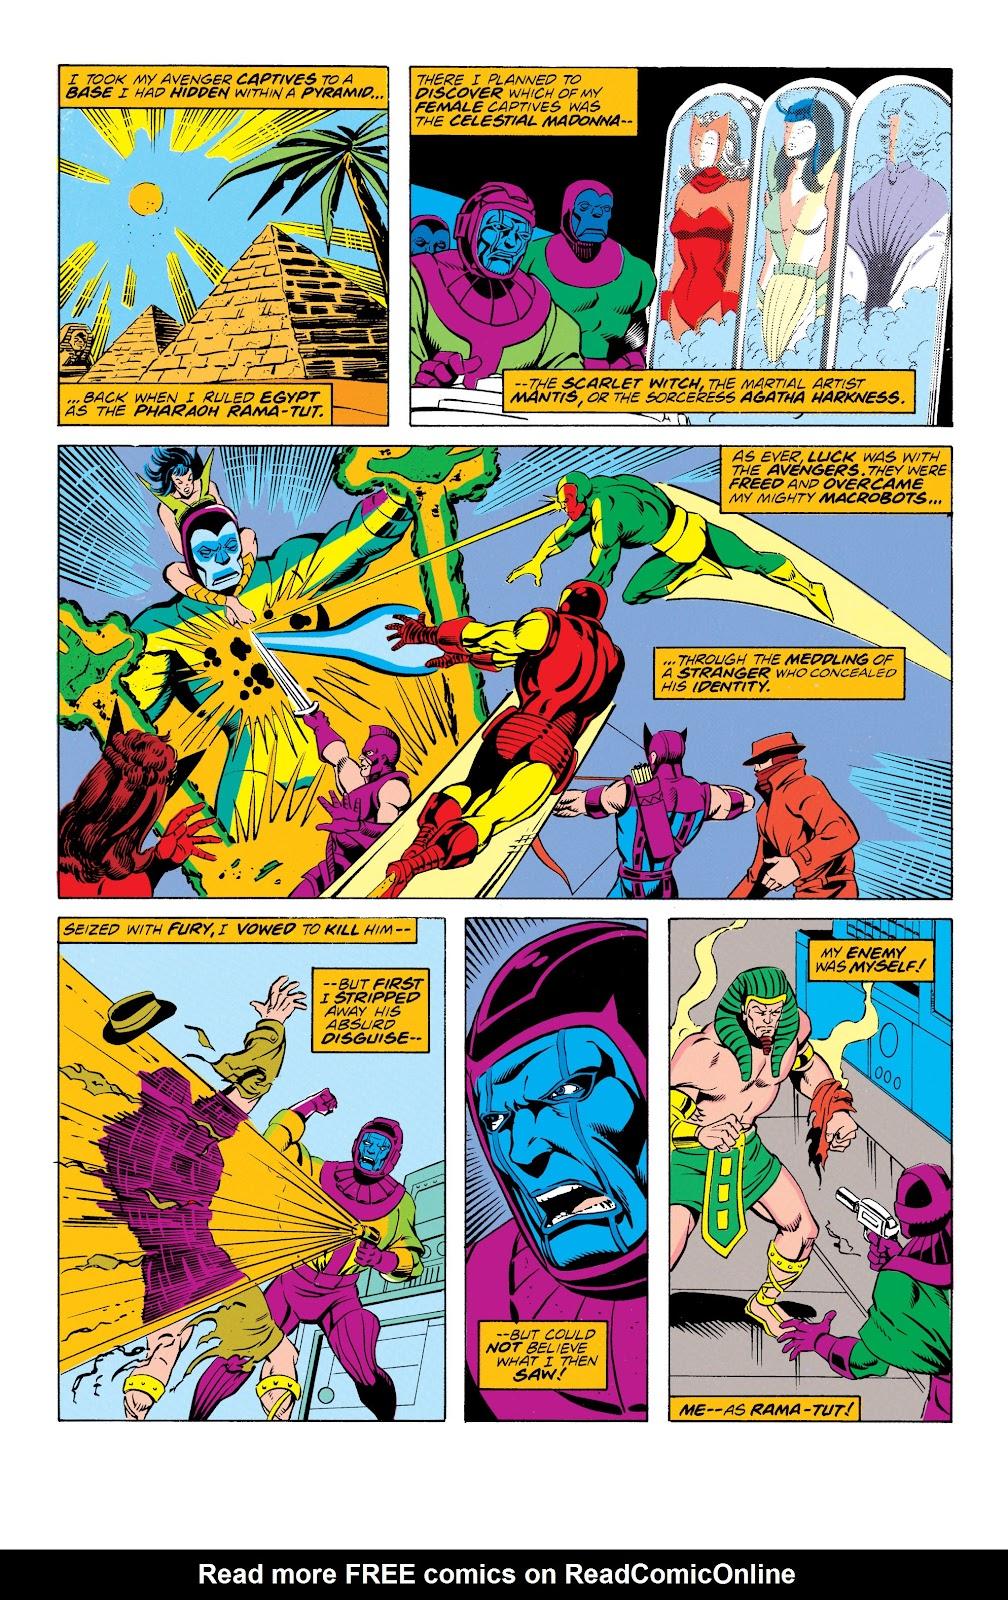 Read online Avengers: Citizen Kang comic -  Issue # TPB (Part 2) - 61